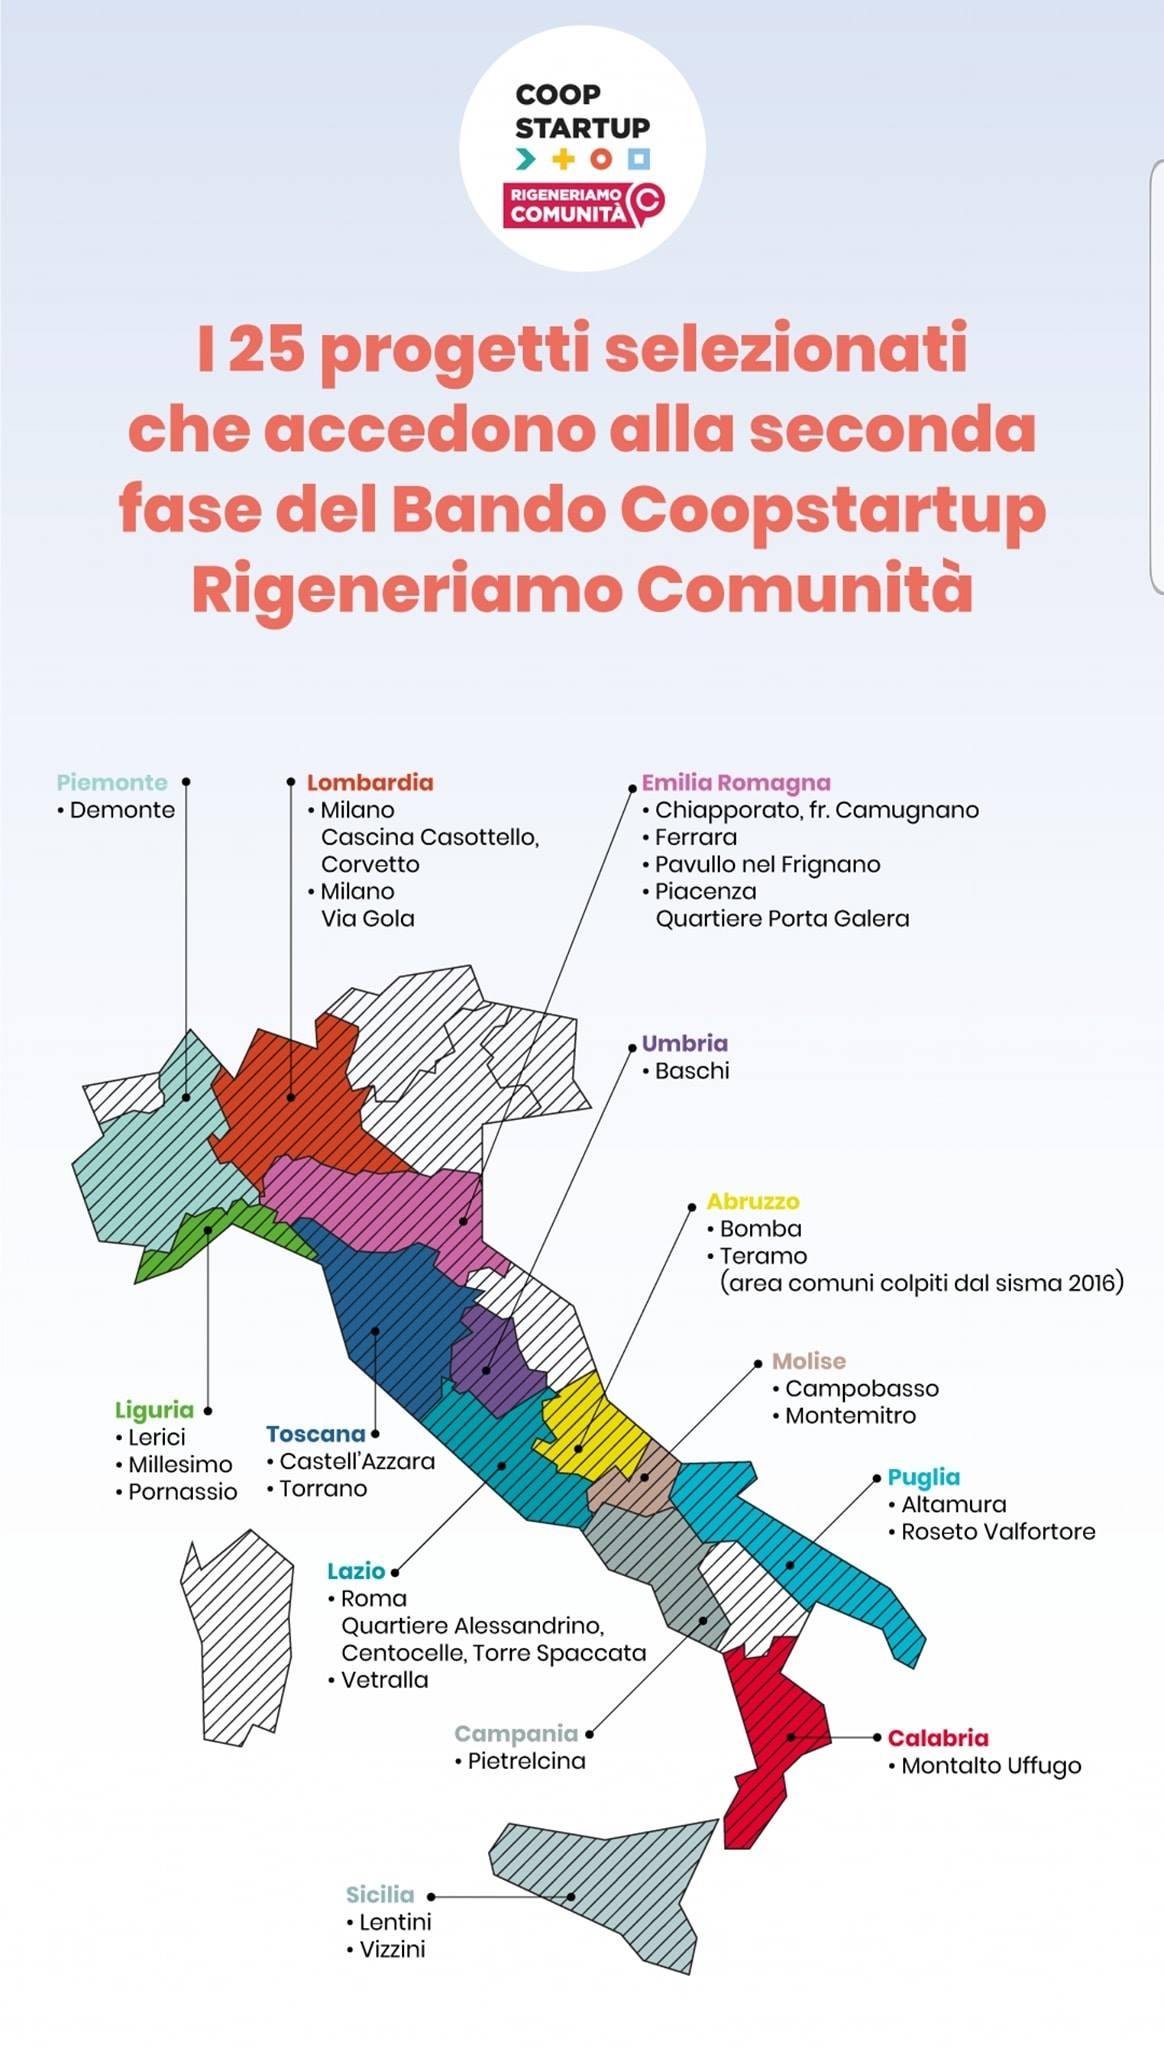 Rigeneriamo Comunità: 2 progetti dell'area estense tra i 25 selezionati alla seconda fase del Bando Coopstartup, dedicato alla cooperative di comunità